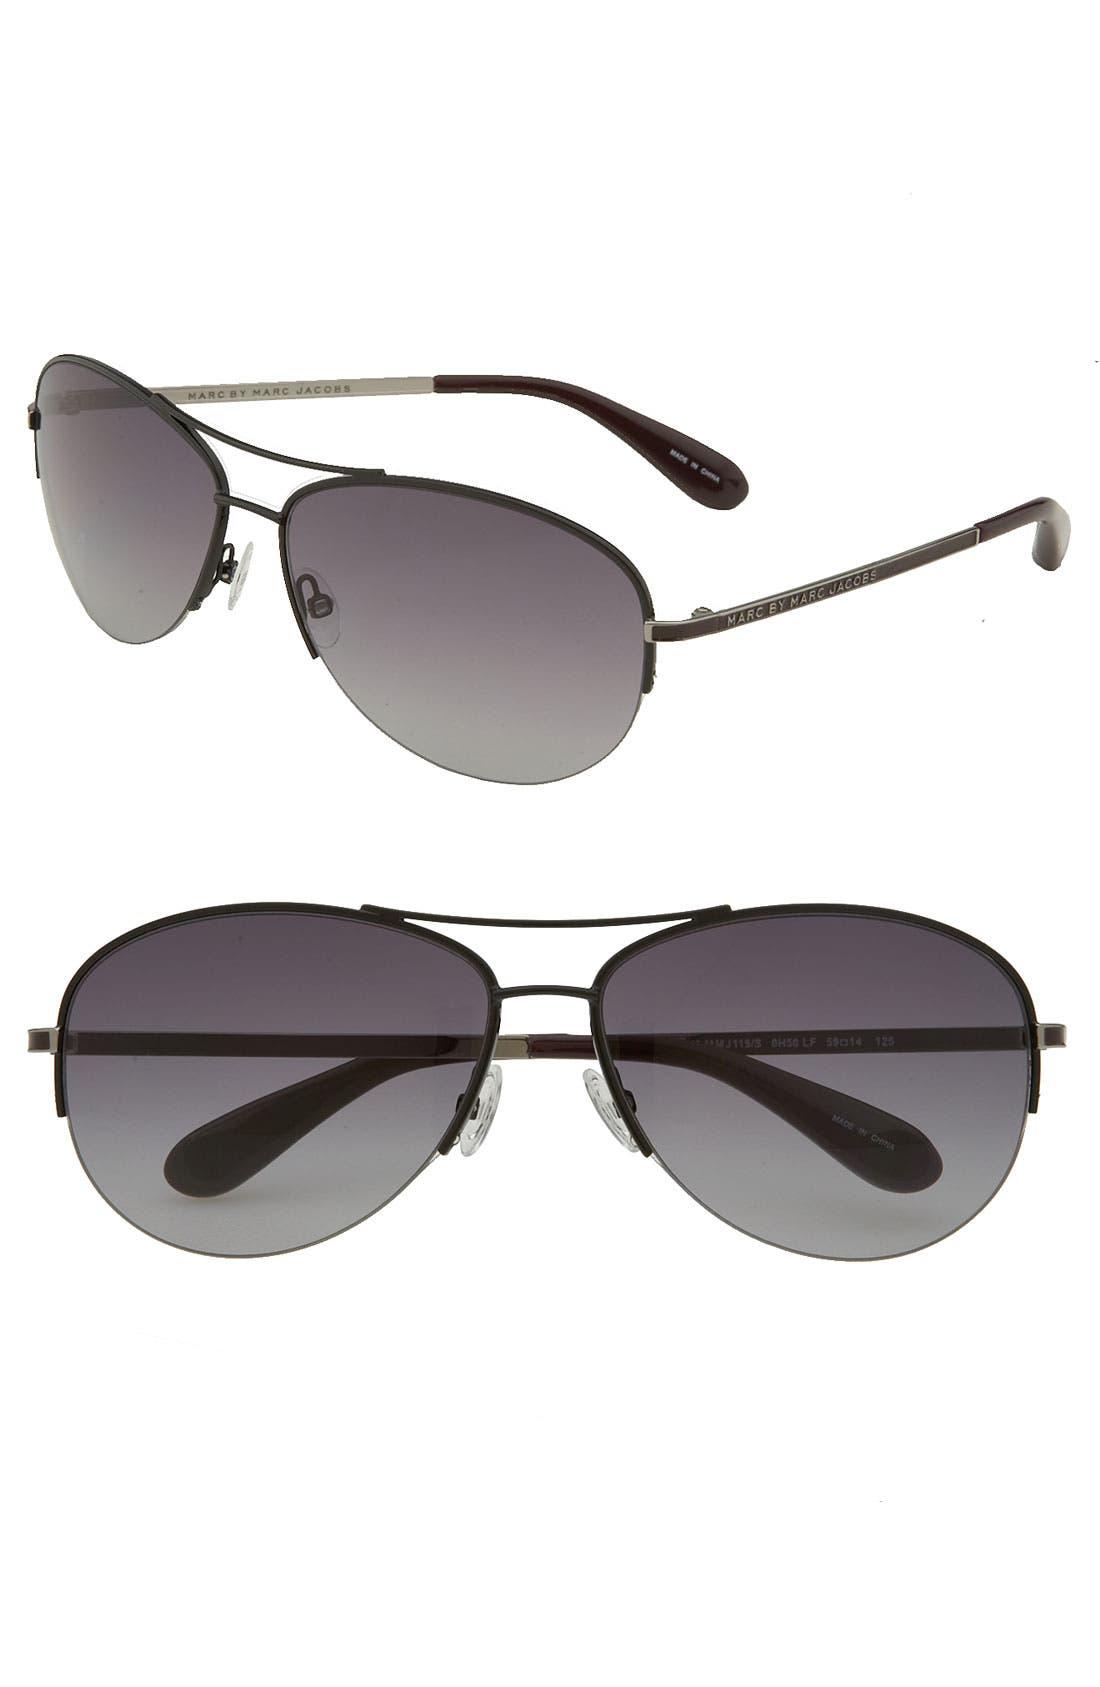 59mm Rimless Aviator Sunglasses,                         Main,                         color, 001